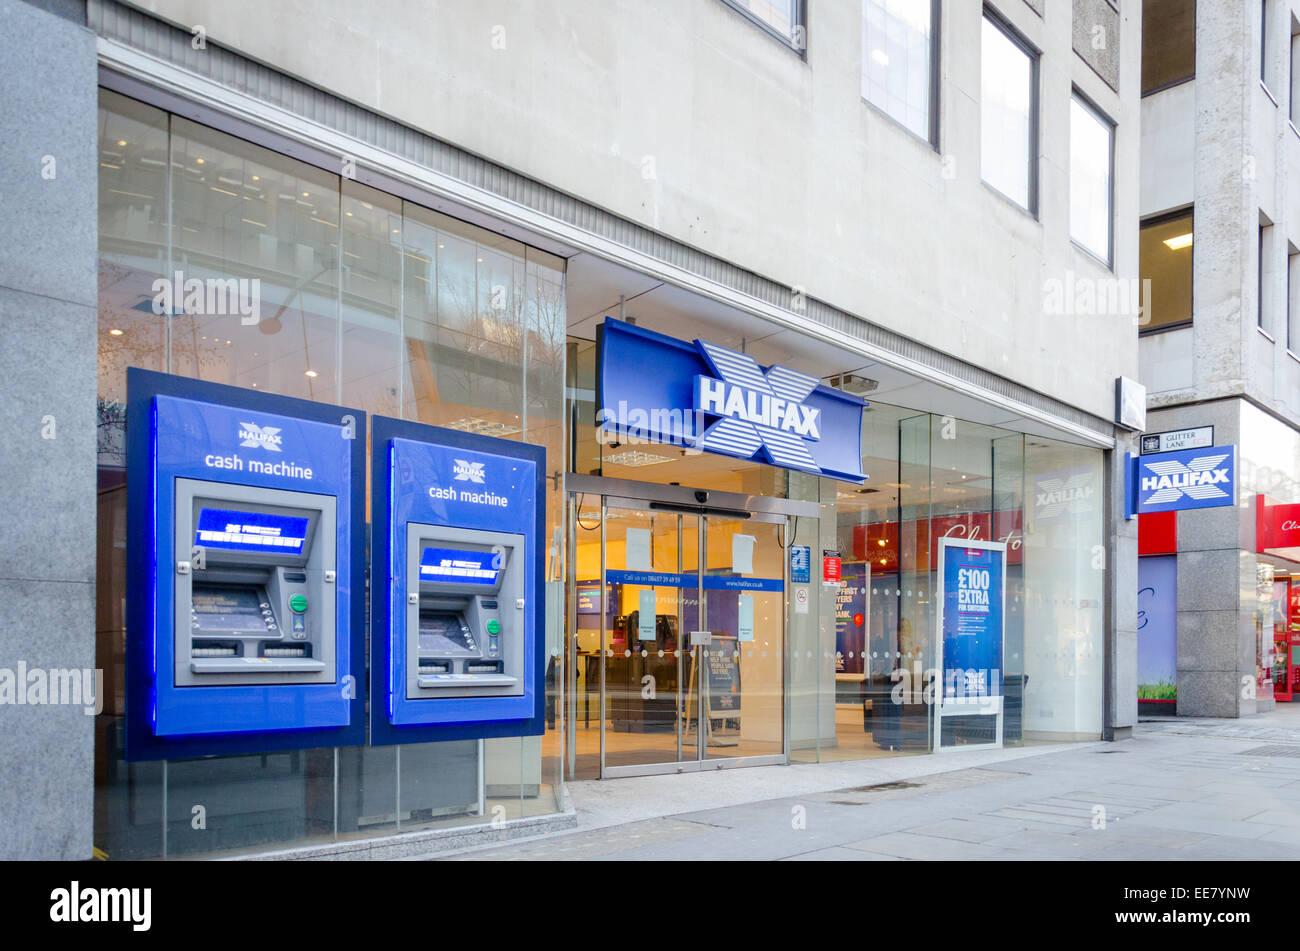 Ramo di Halifax Bank su Cheapside, Londra, Regno Unito. Immagini Stock